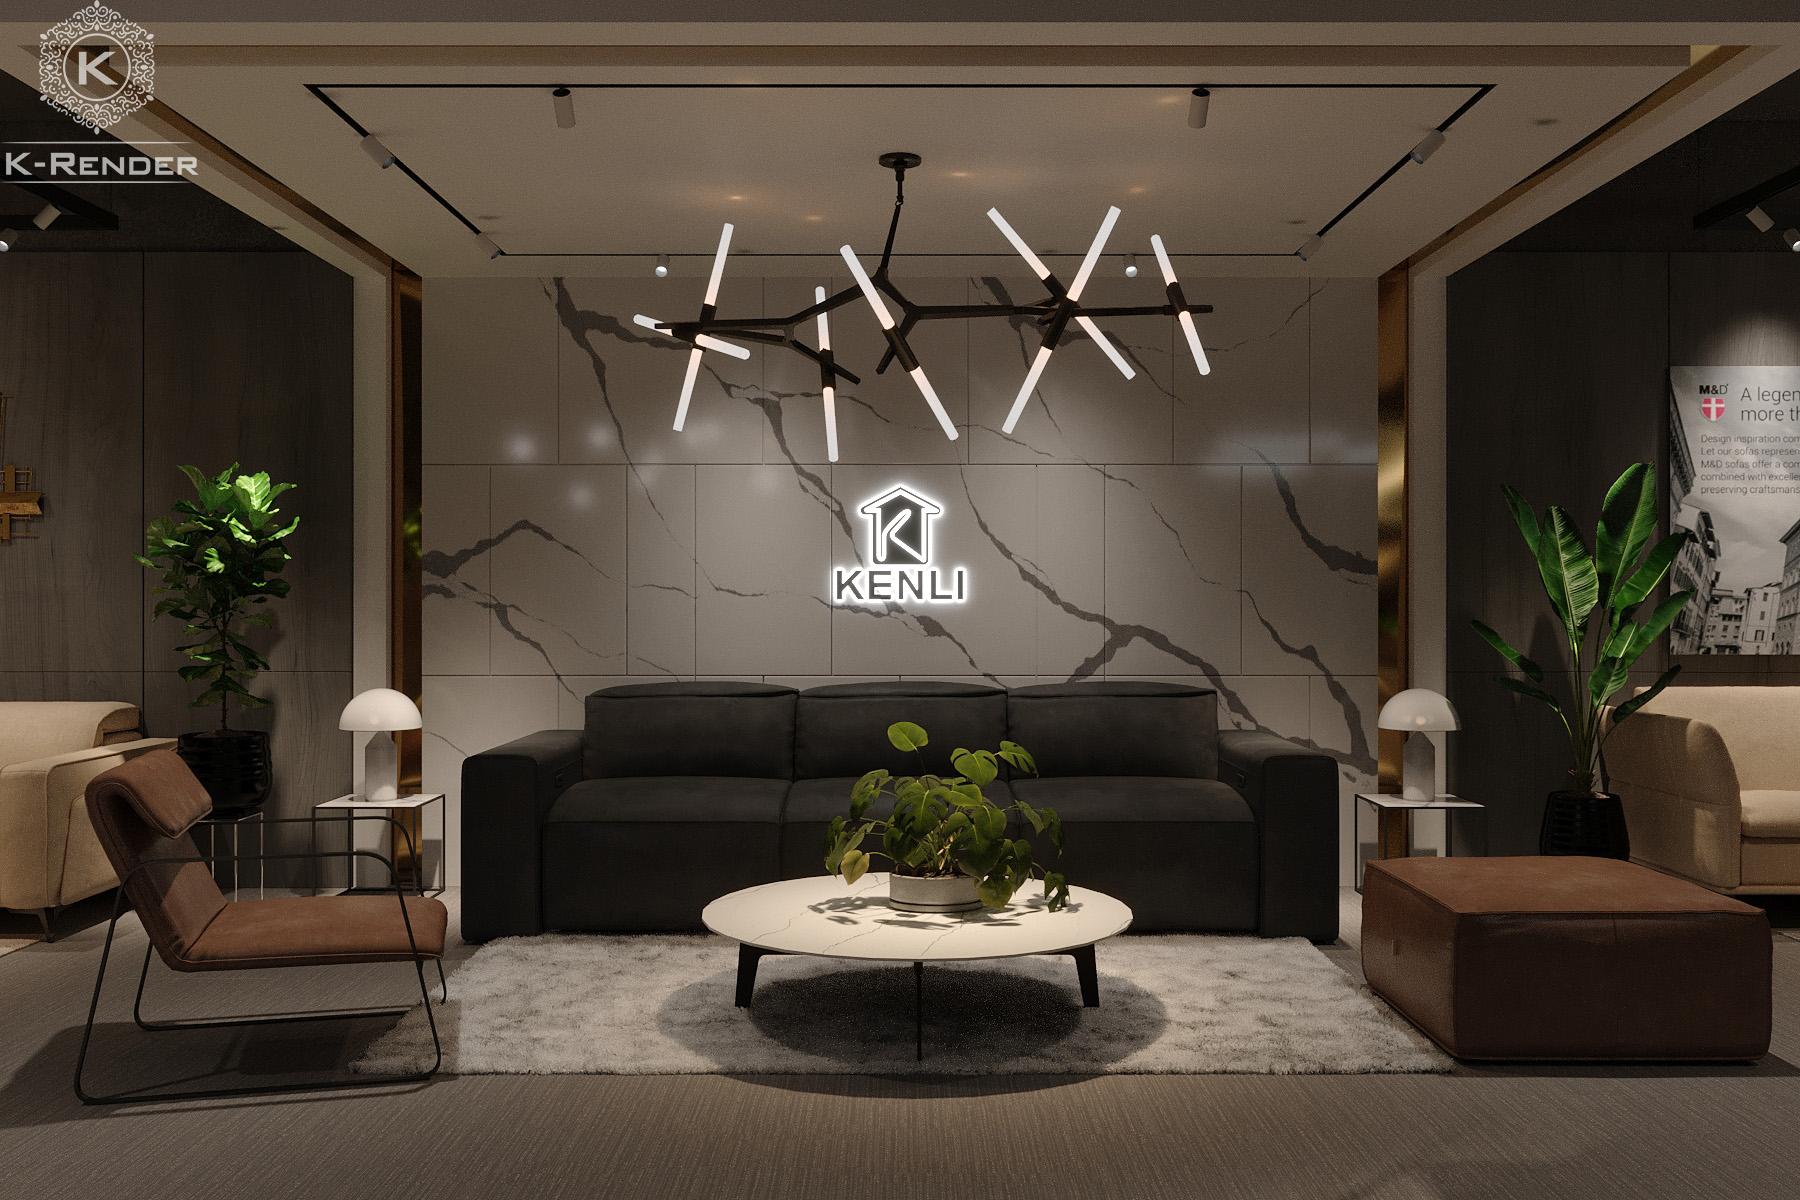 the-new-kenli-showroom-project-by-k-render-studio-4